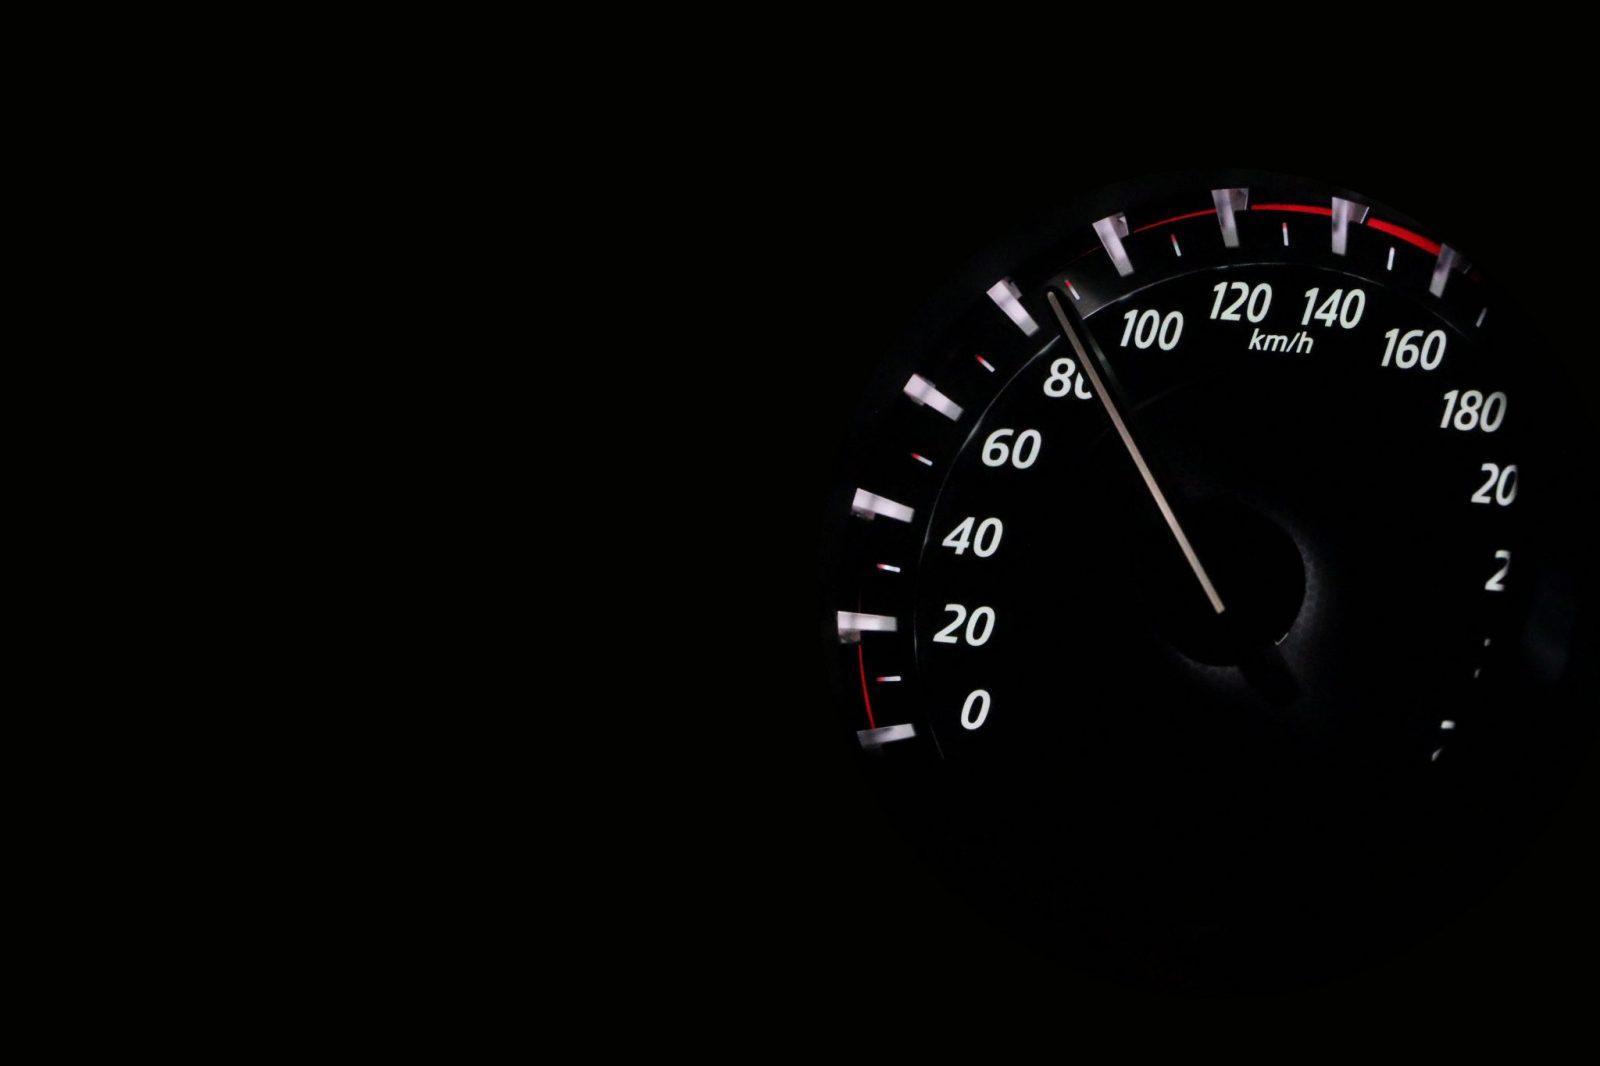 aumentar velocidad de carga